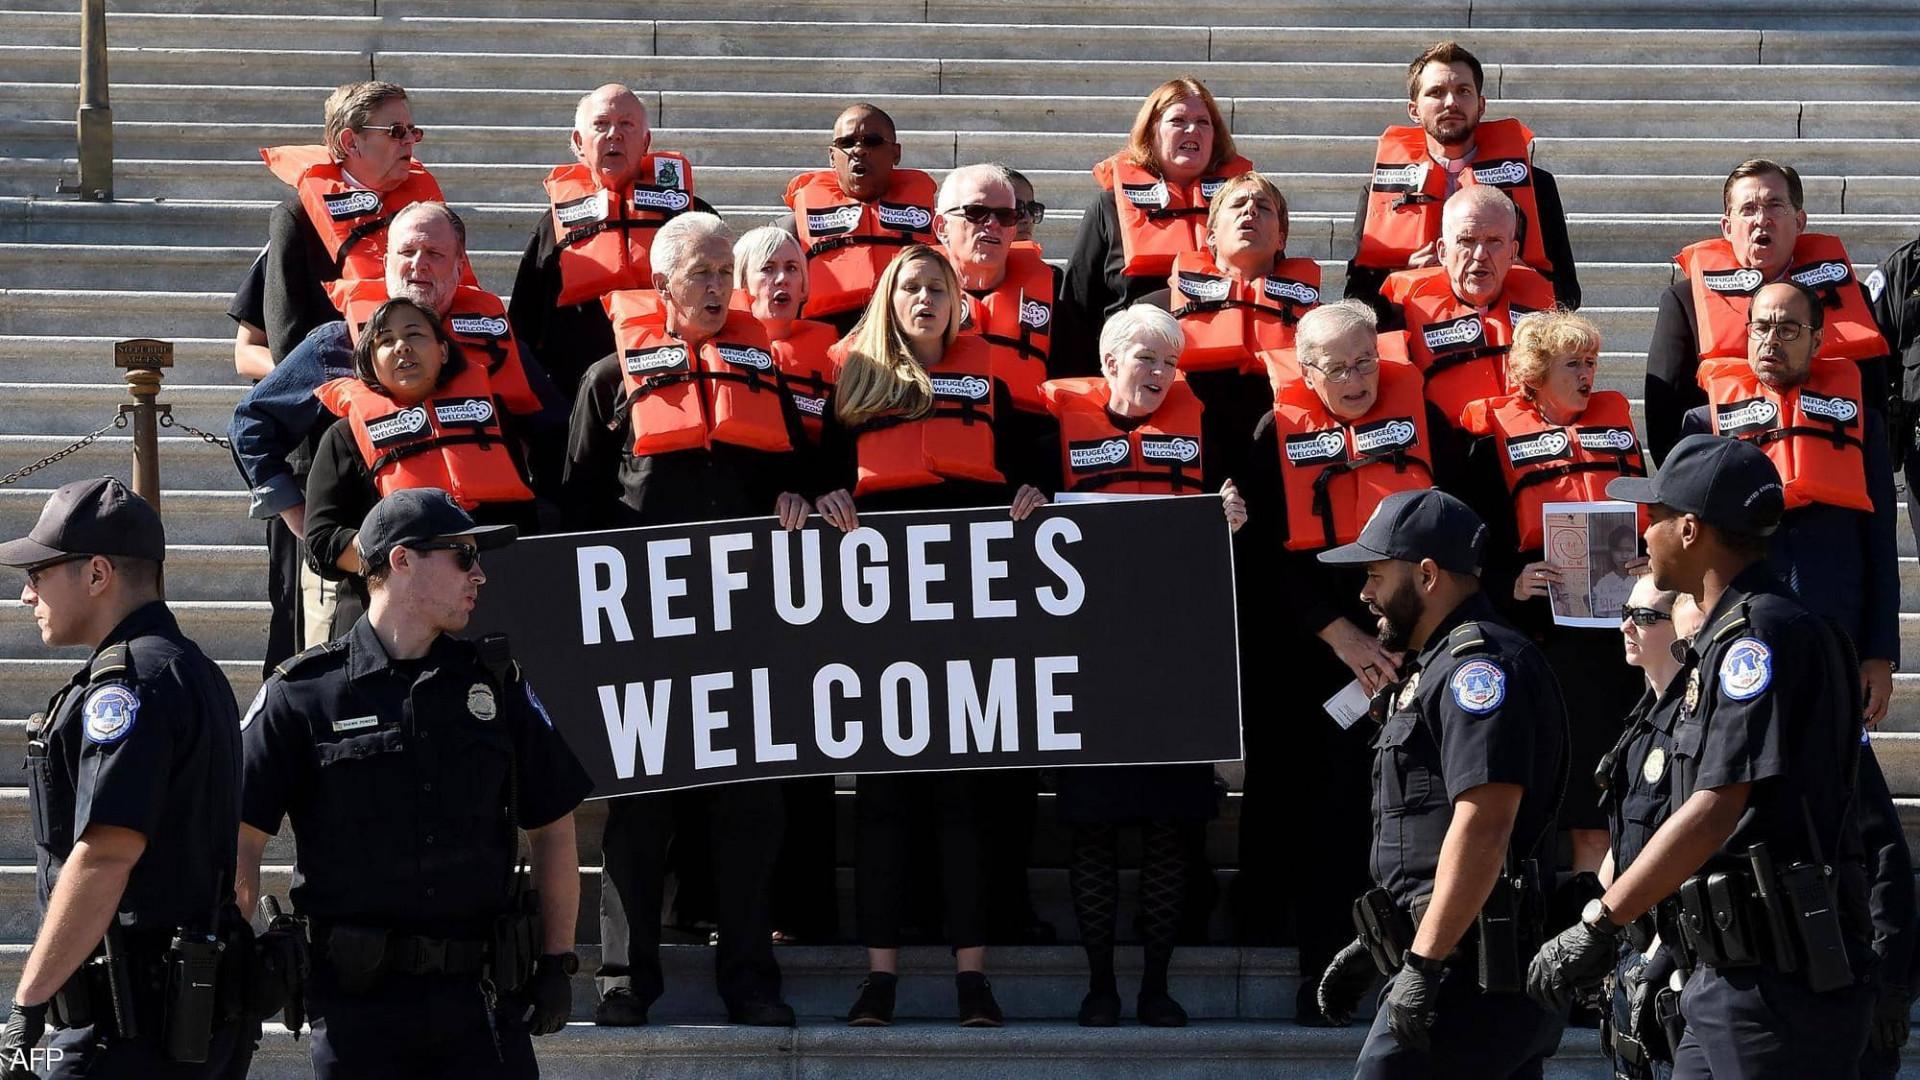 خبر سار للاجئين.. سياسة أميركية جديدة بشأن الهجرة